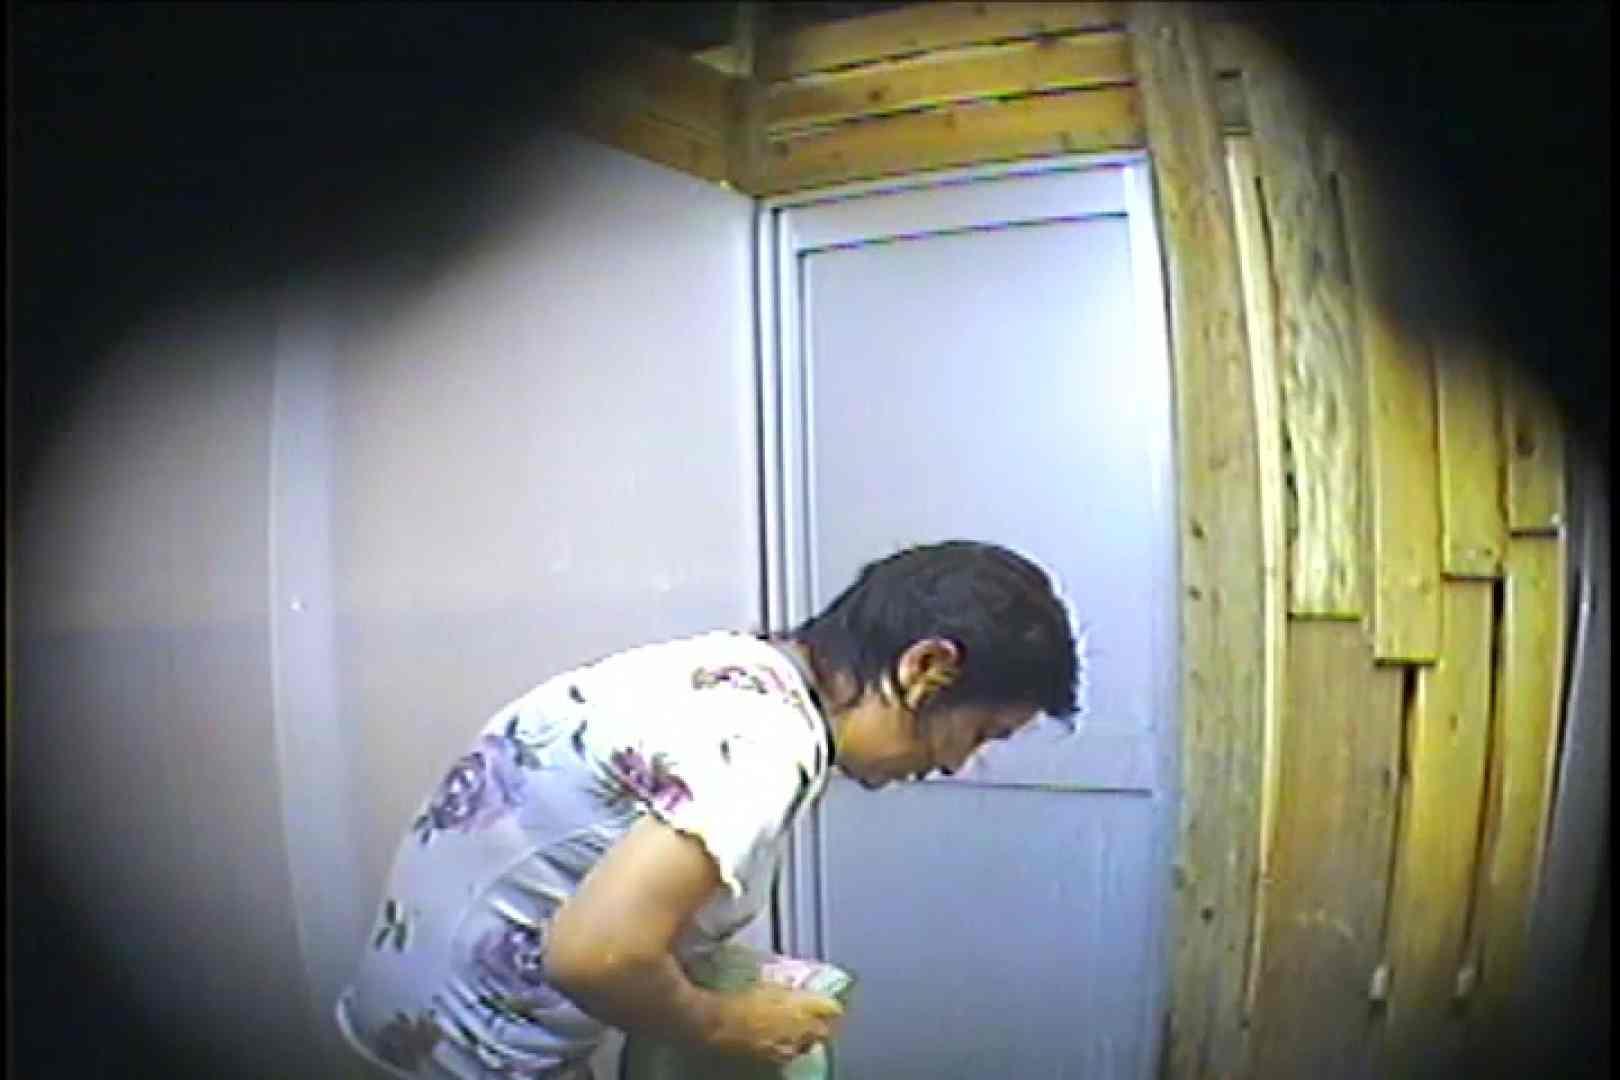 海の家の更衣室 Vol.53 エロいOL オメコ無修正動画無料 57枚